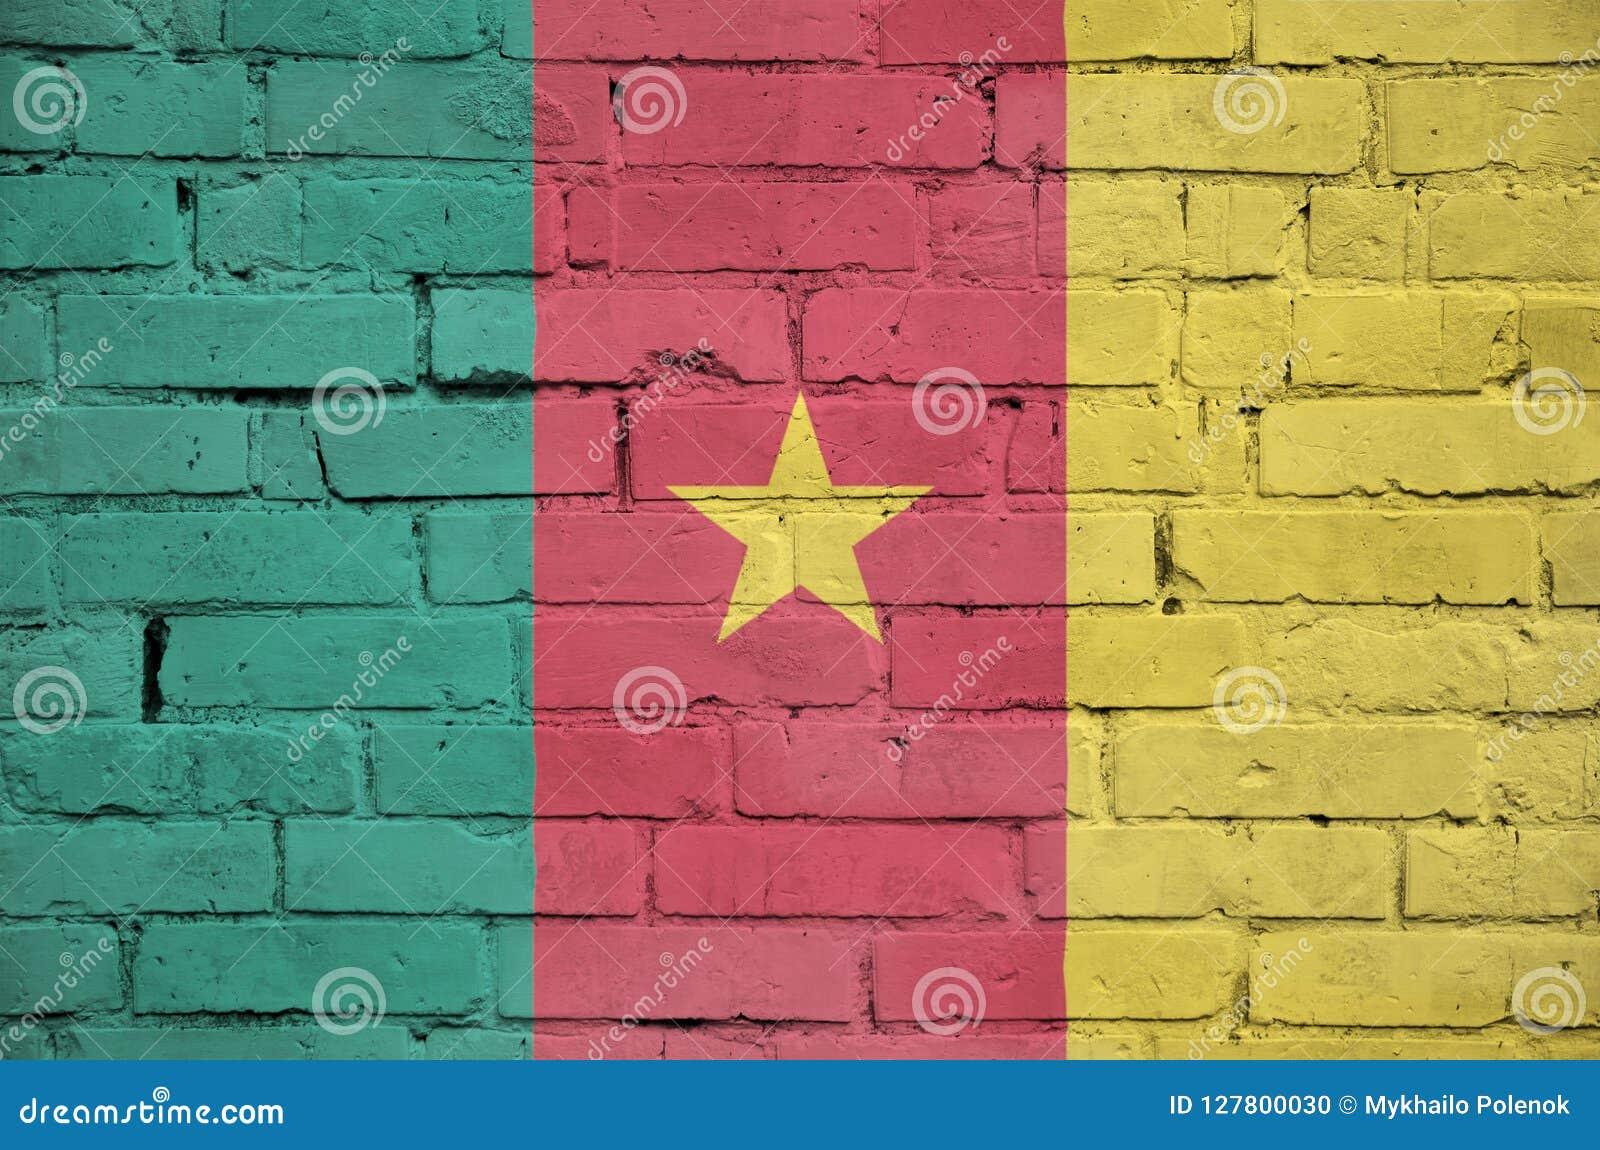 La bandera del Camerún se pinta sobre una pared de ladrillo vieja